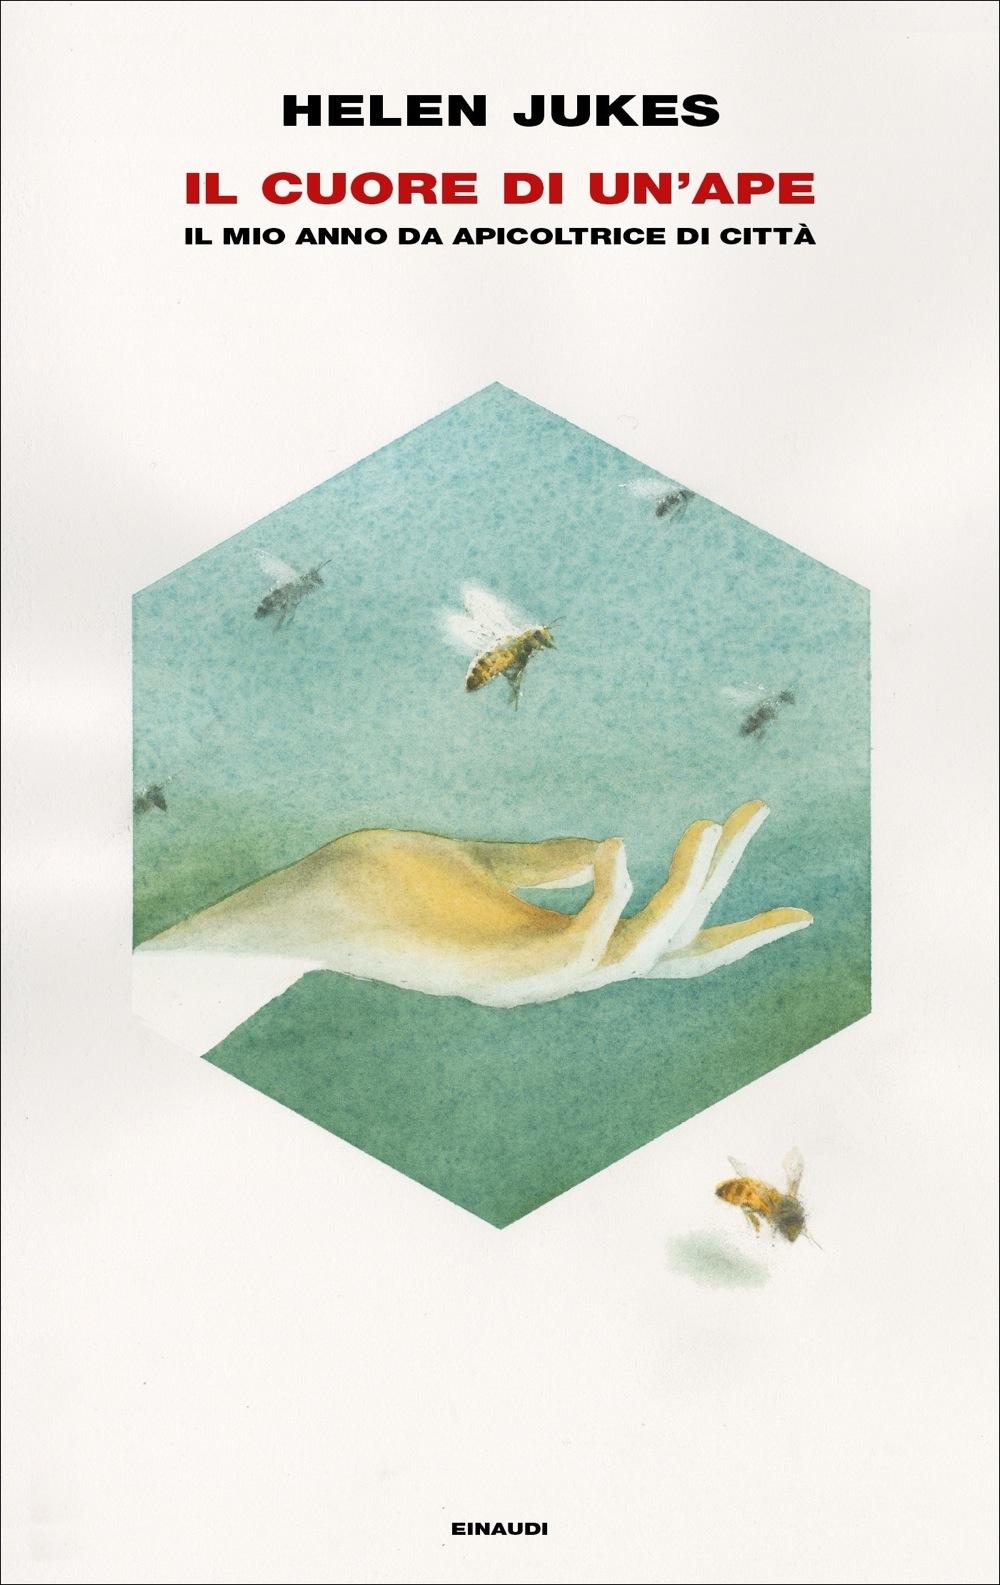 Il cuore di un'ape, Helen Jukes. Giulio Einaudi Editore - Frontiere